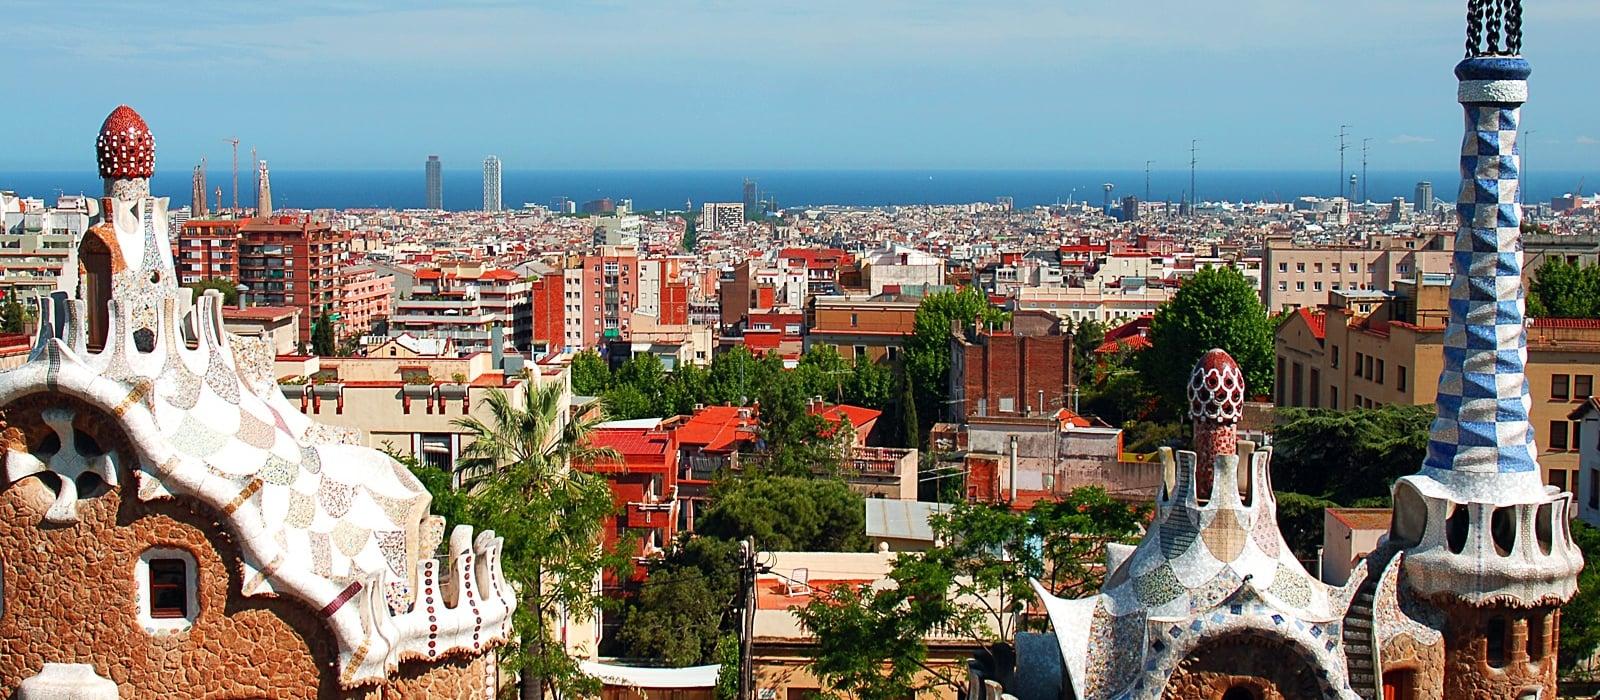 Hôtels à Barcelone - Vincci Hoteles